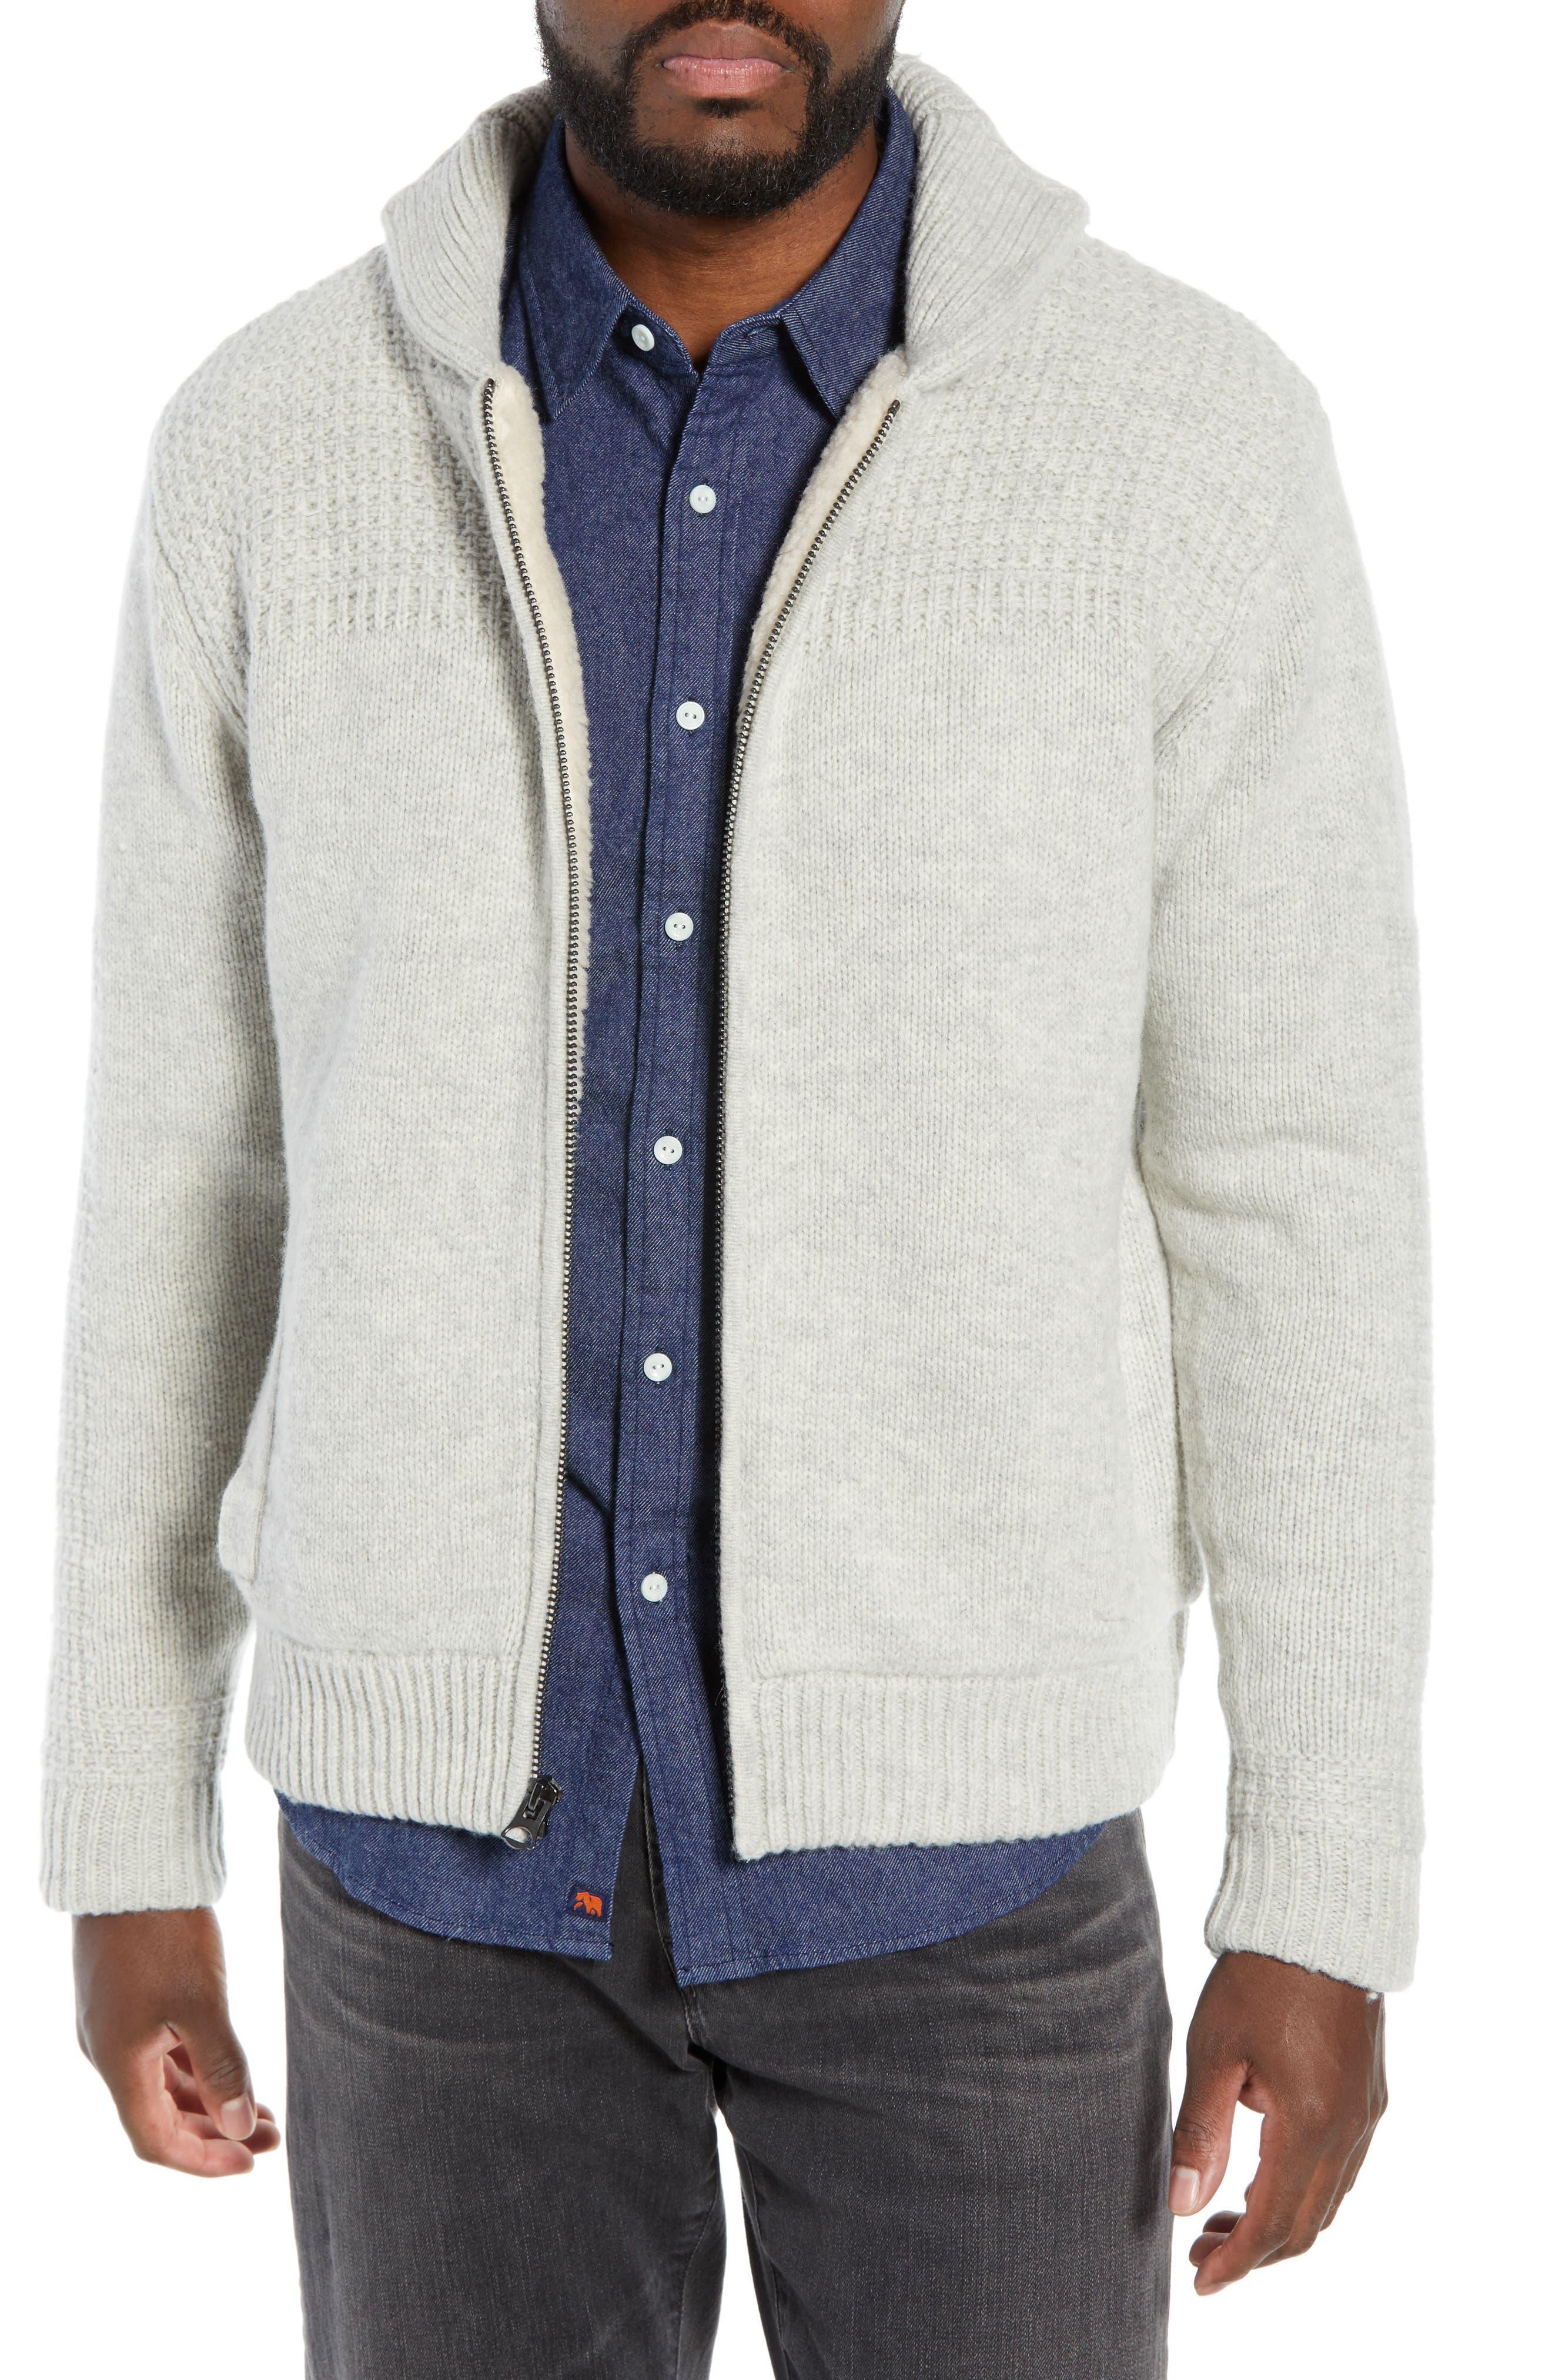 The Normal Brand Regular Fit Zip Sweater Jacket, Beige